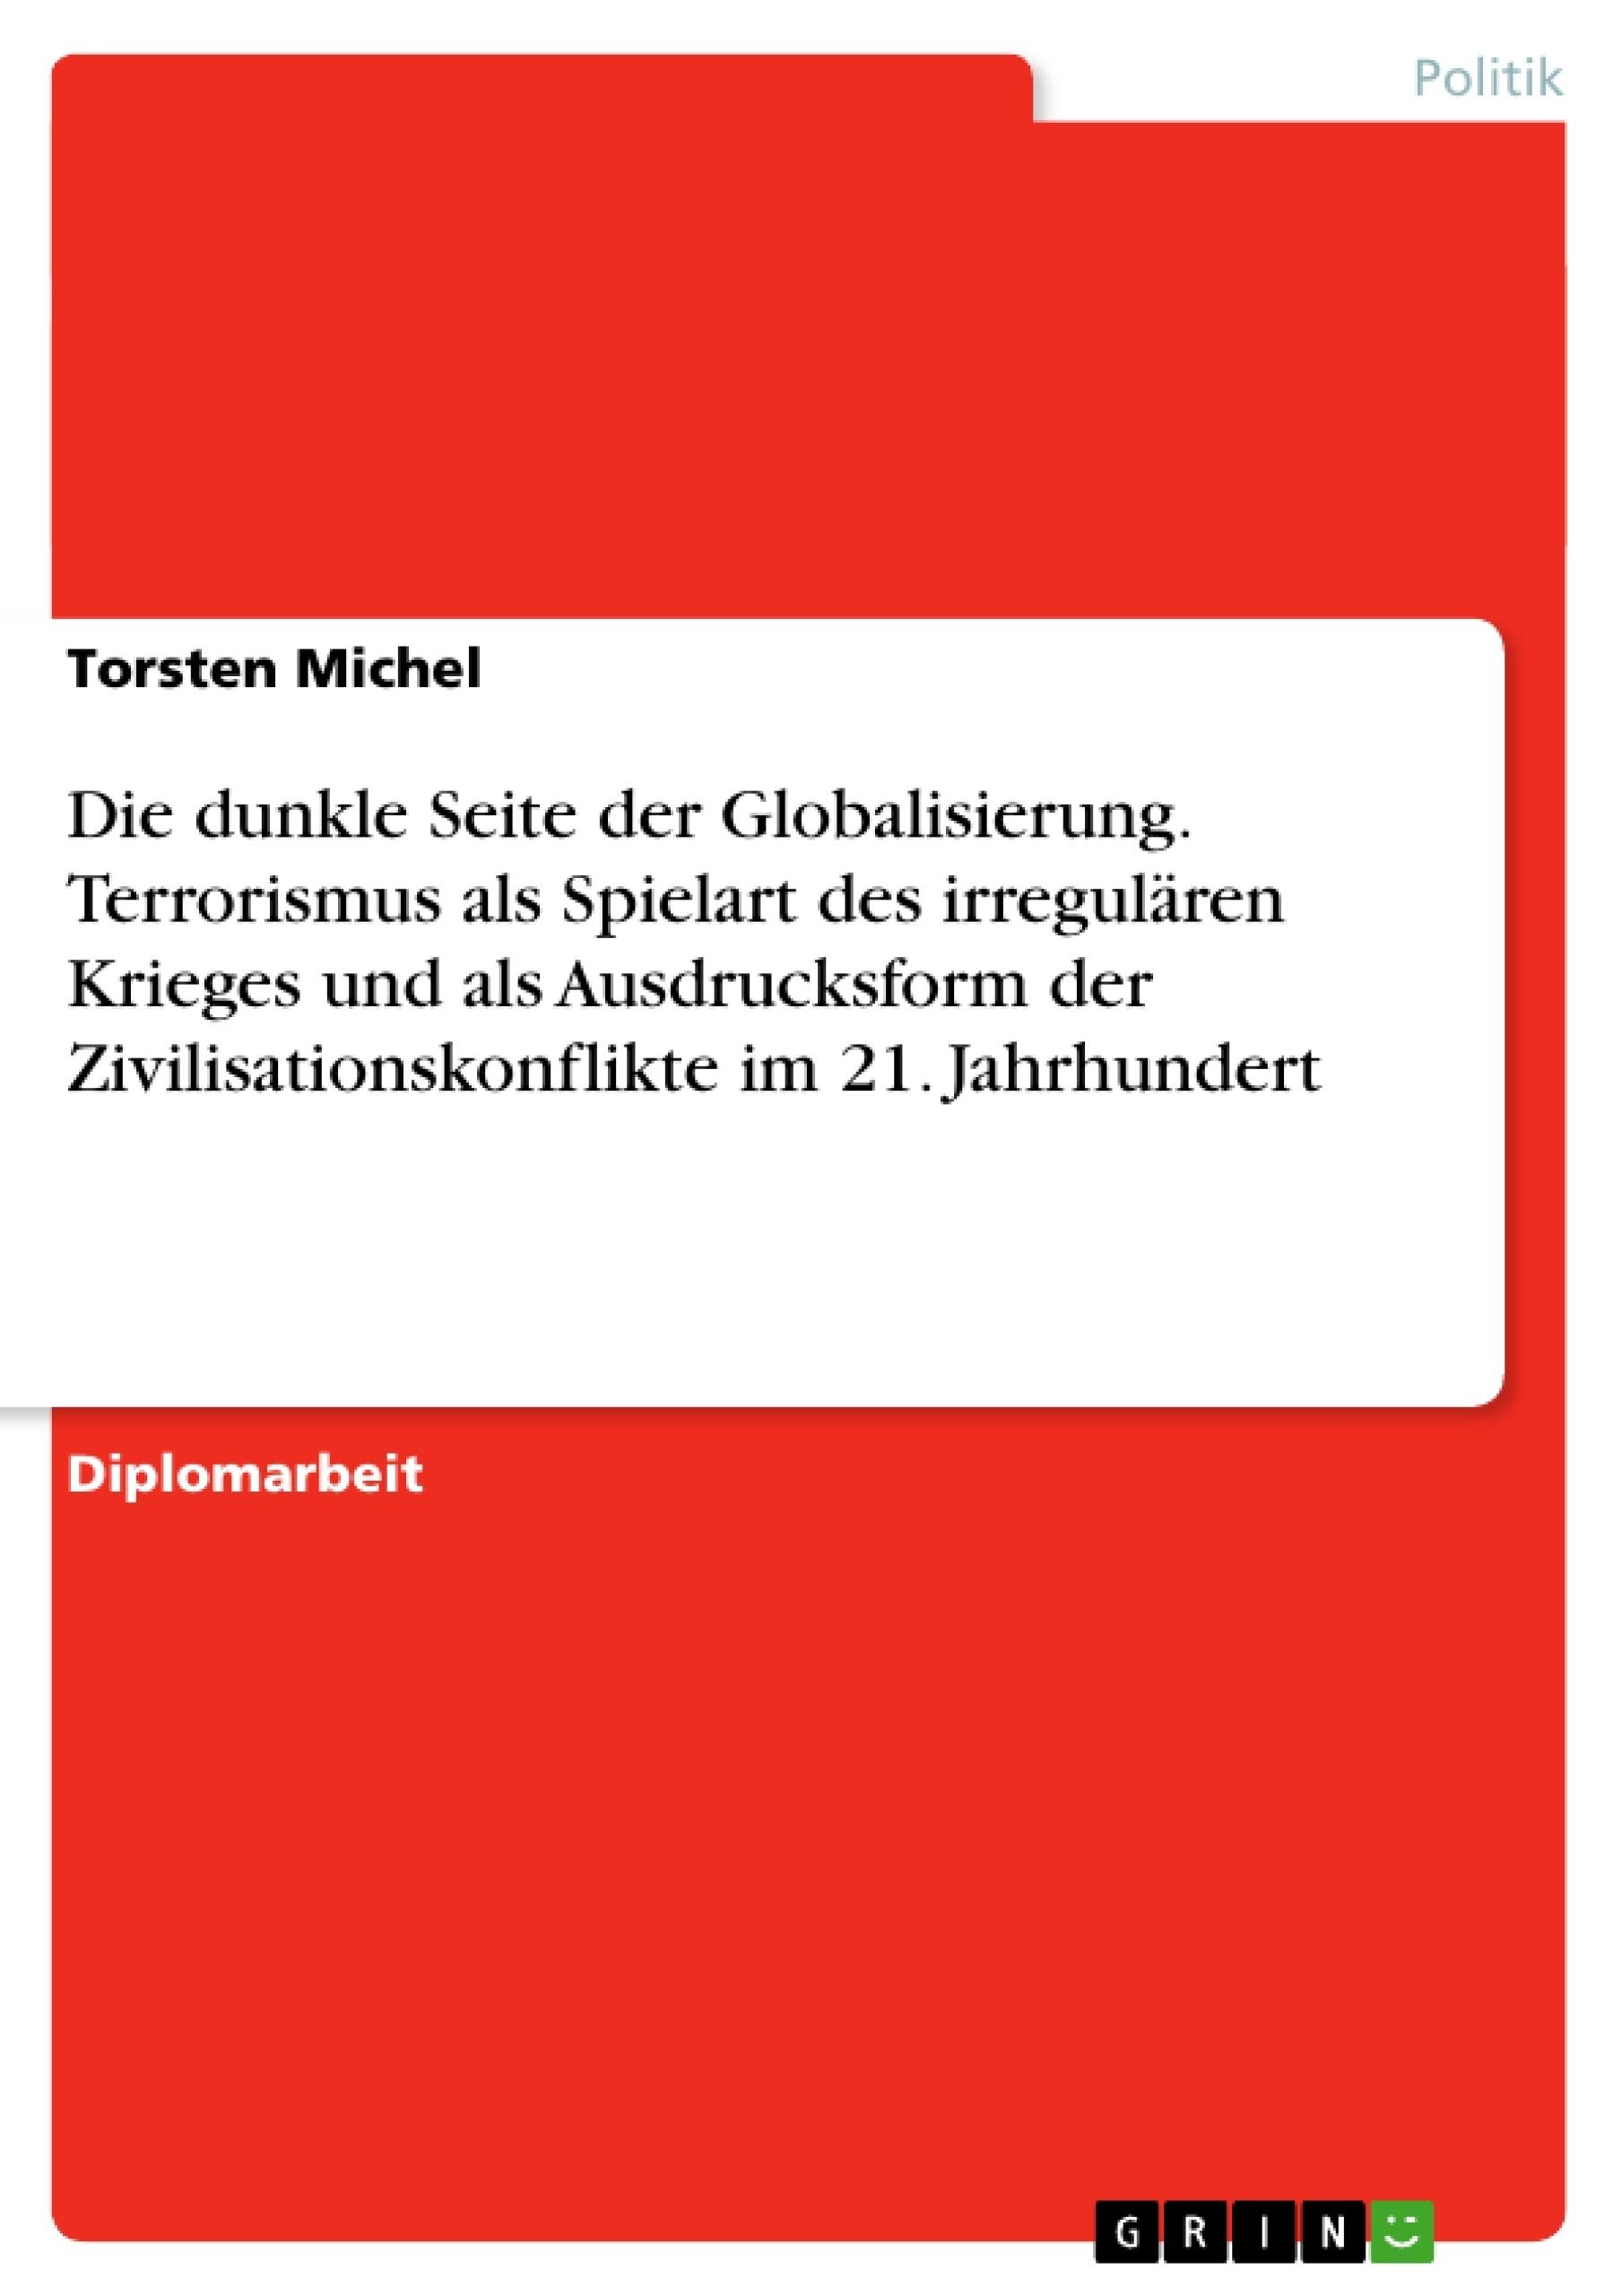 Titel: Die dunkle Seite der Globalisierung. Terrorismus als Spielart des irregulären Krieges und als Ausdrucksform der Zivilisationskonflikte im 21. Jahrhundert